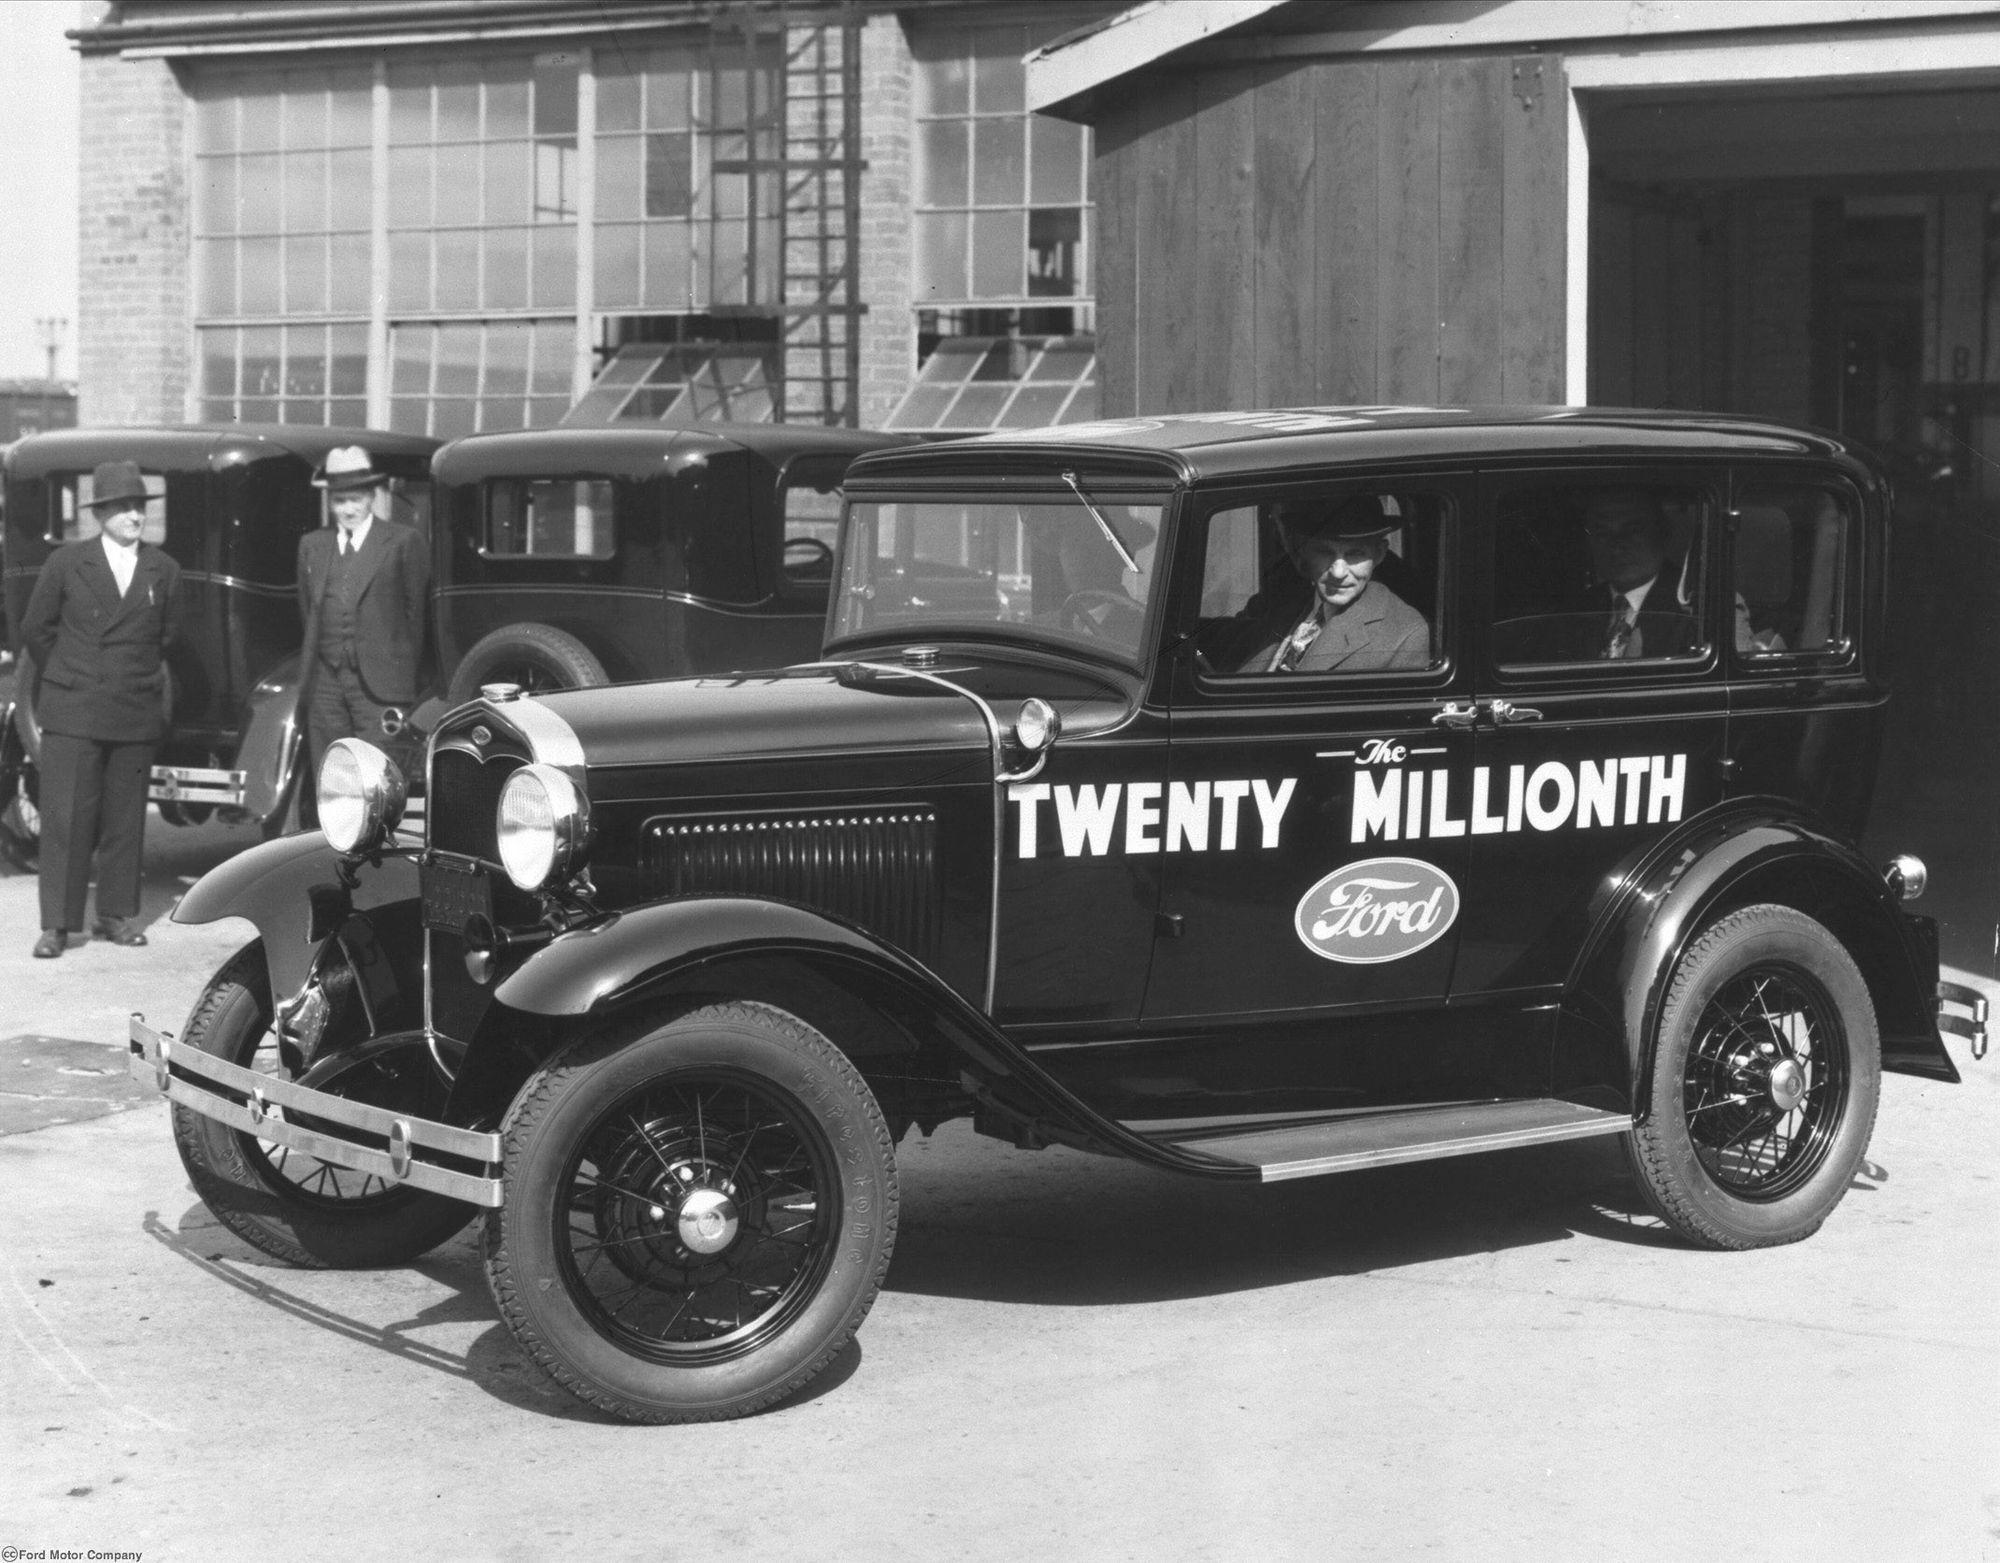 Lịch sử Ford và câu chuyện thú vị về ông vua xe hơi nước Mỹ 5